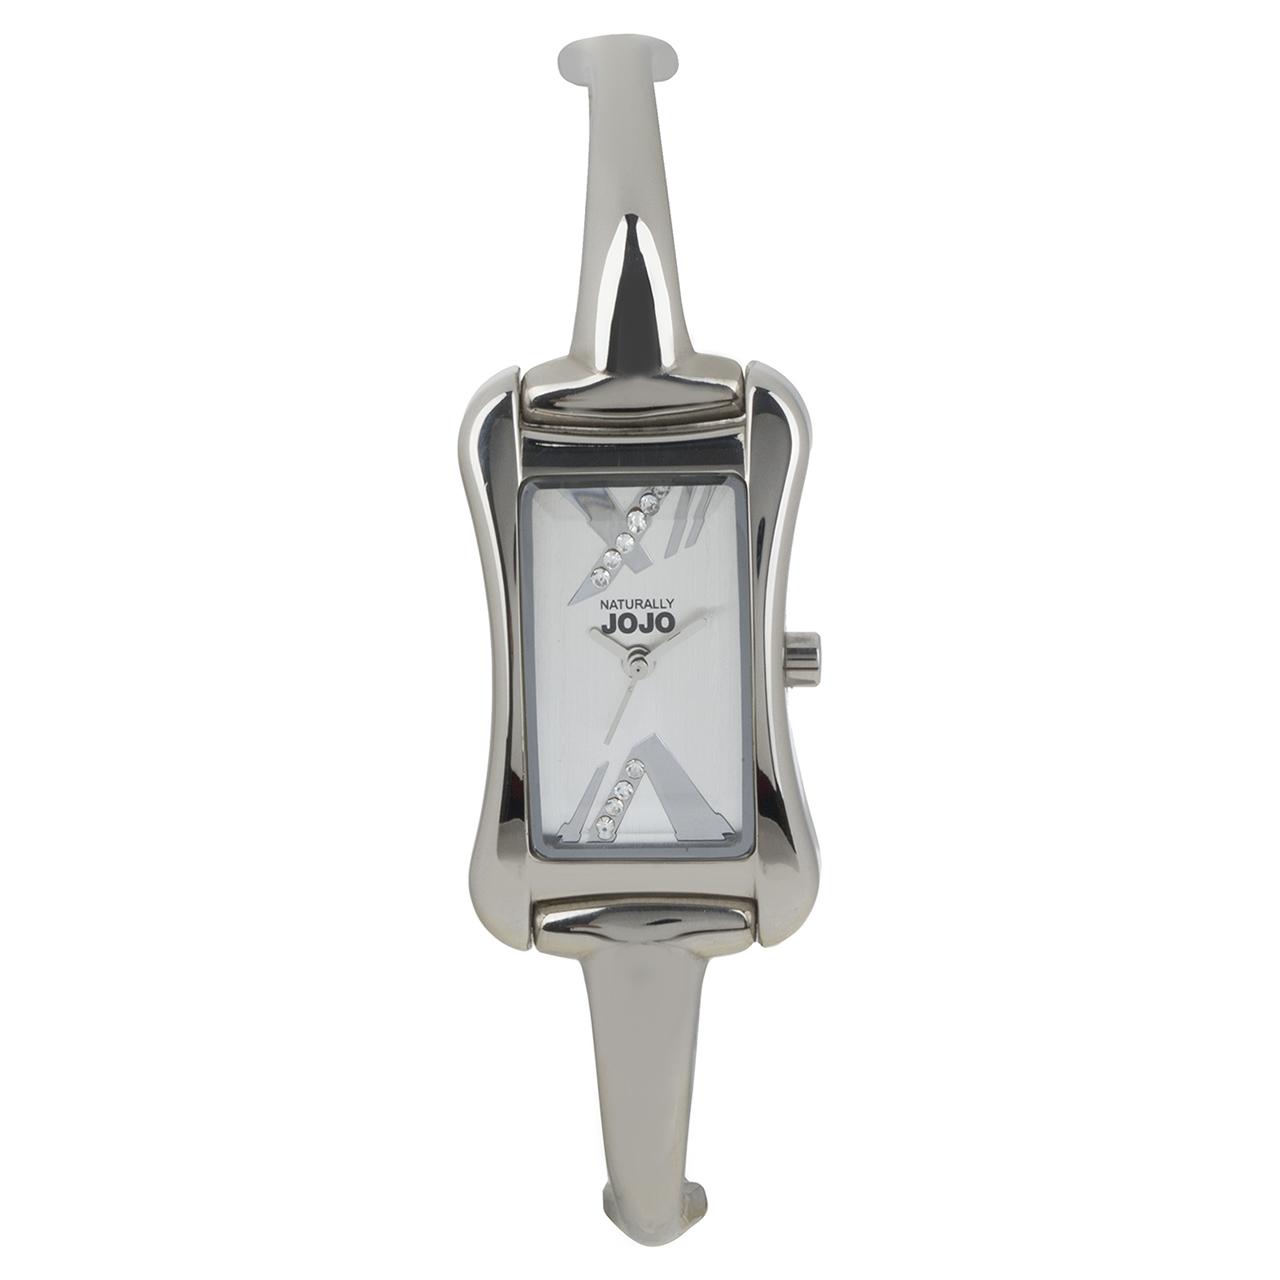 ساعت مچی عقربه ای زنانه نچرالی ژوژو مدل JO96339.80F